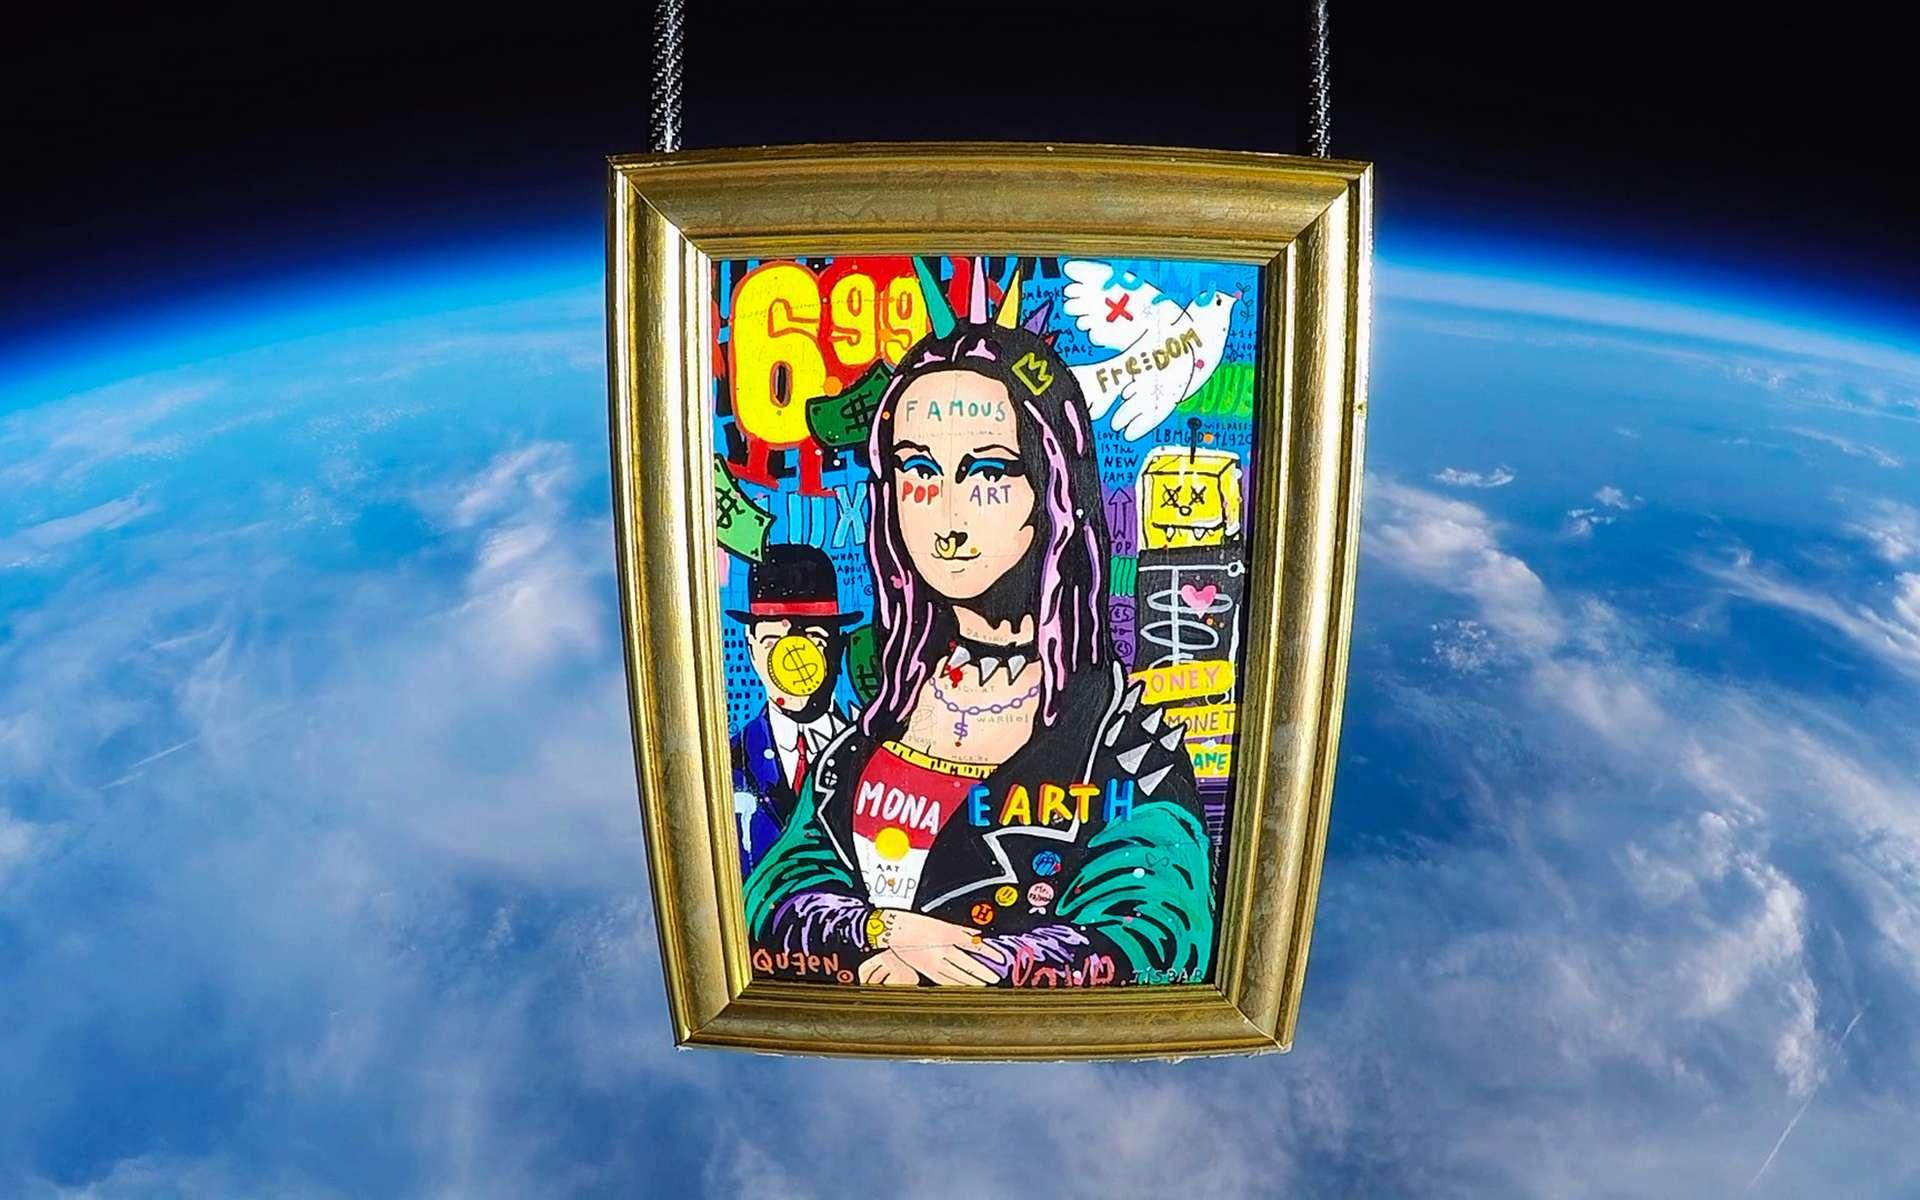 La Punk Mona de l'artiste néo pop français Jisbar flottant à plus de 30 kilomètres d'altitude. © Jisbar